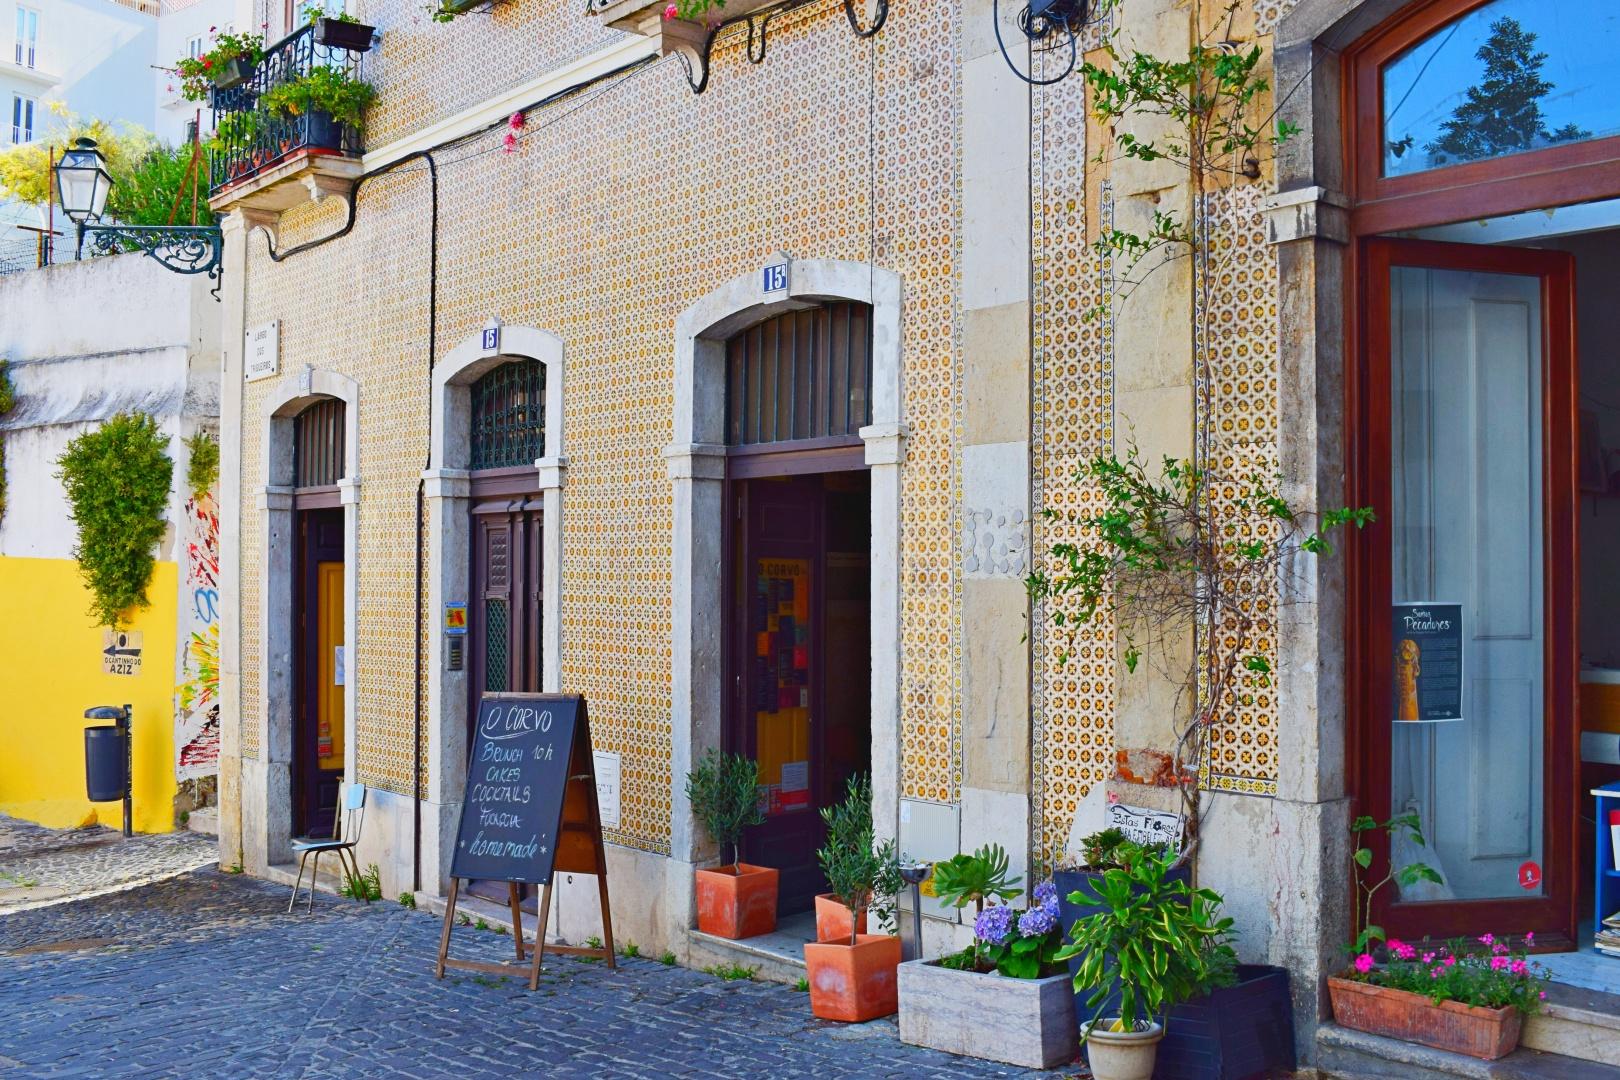 6 Dinge, die man in Lissabon unbedingt tun muss – Vany visits